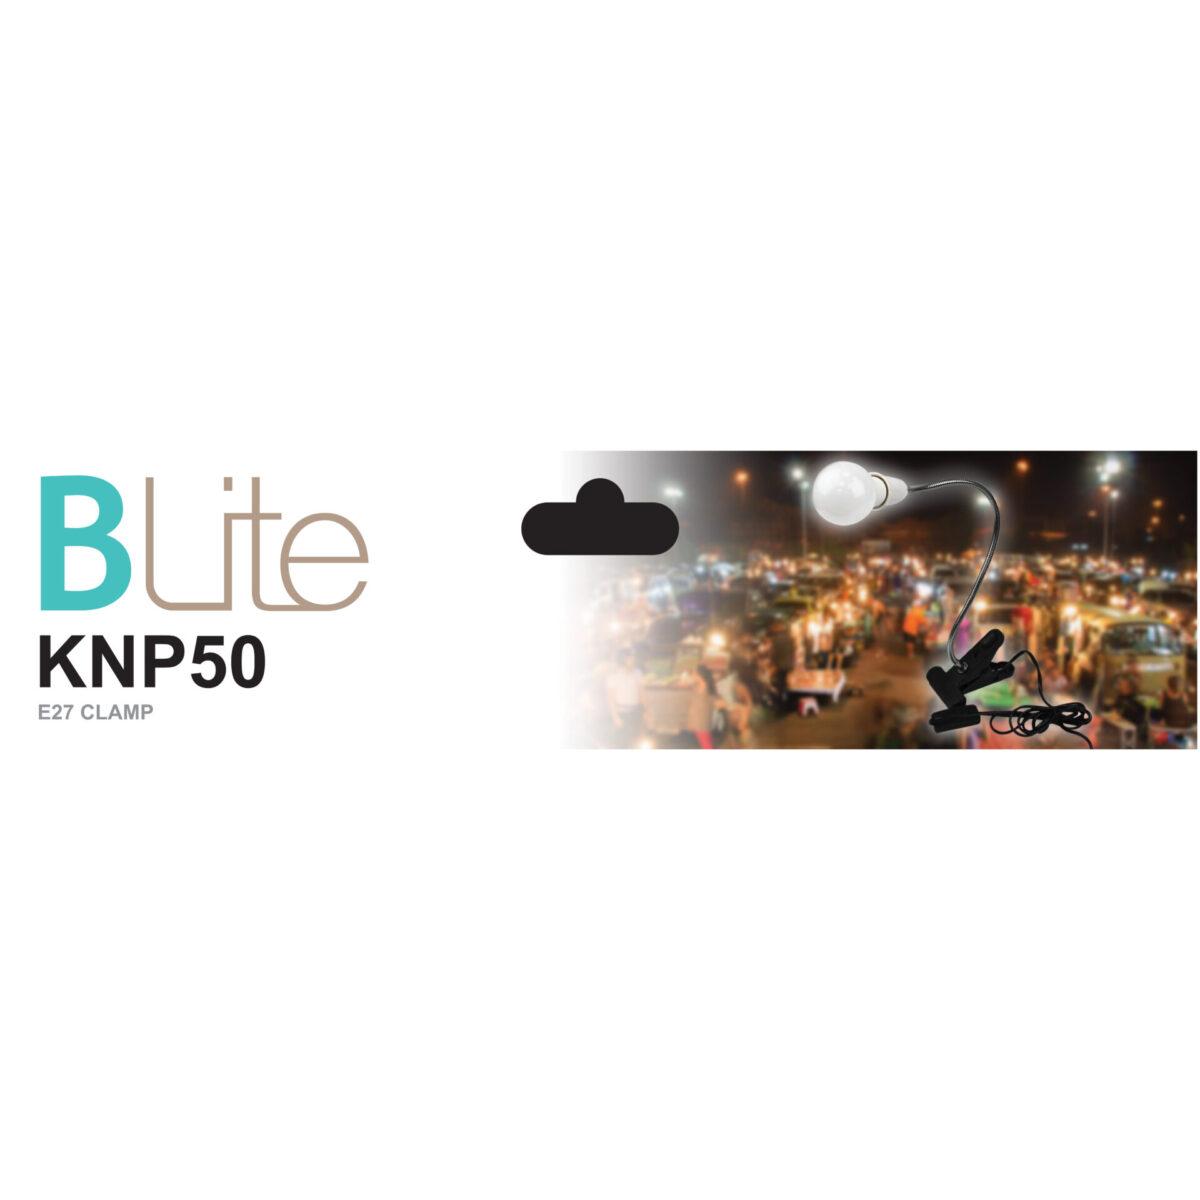 โคมไฟส่องสินค้า รุ่น KNP50